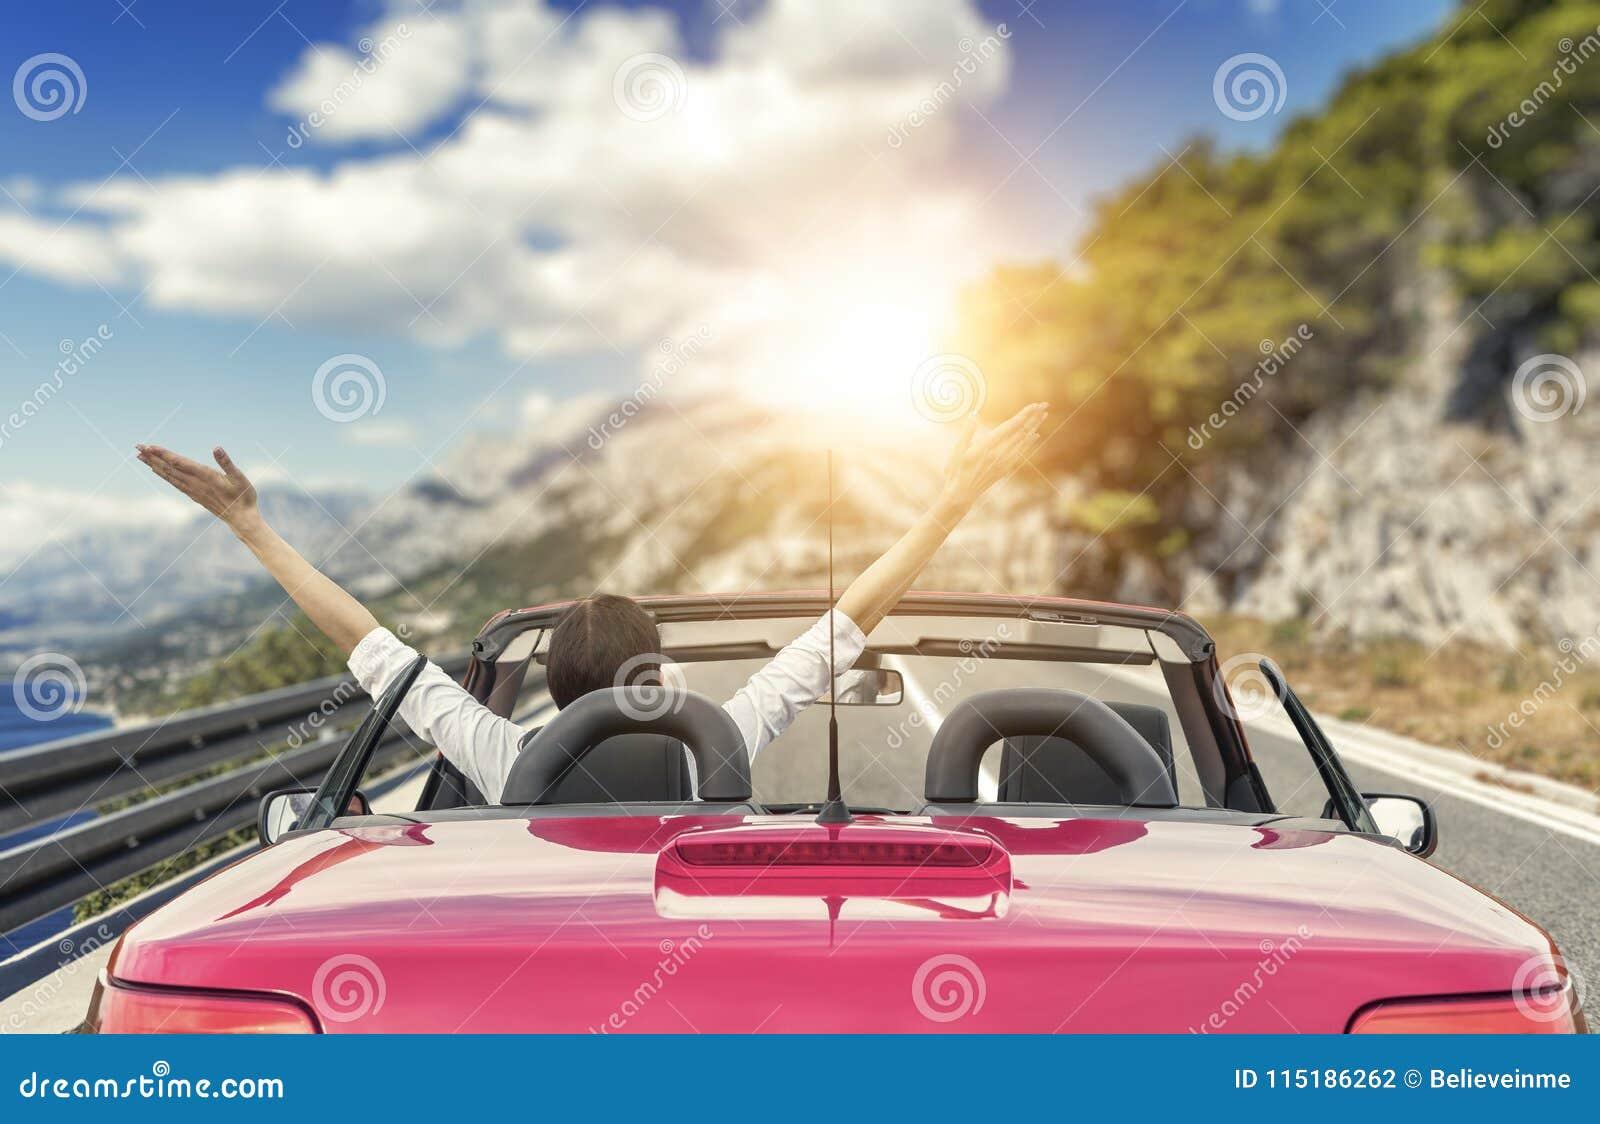 Ung kvinna i en bil på vägen till havet mot en bakgrund av härliga berg på en solig dag